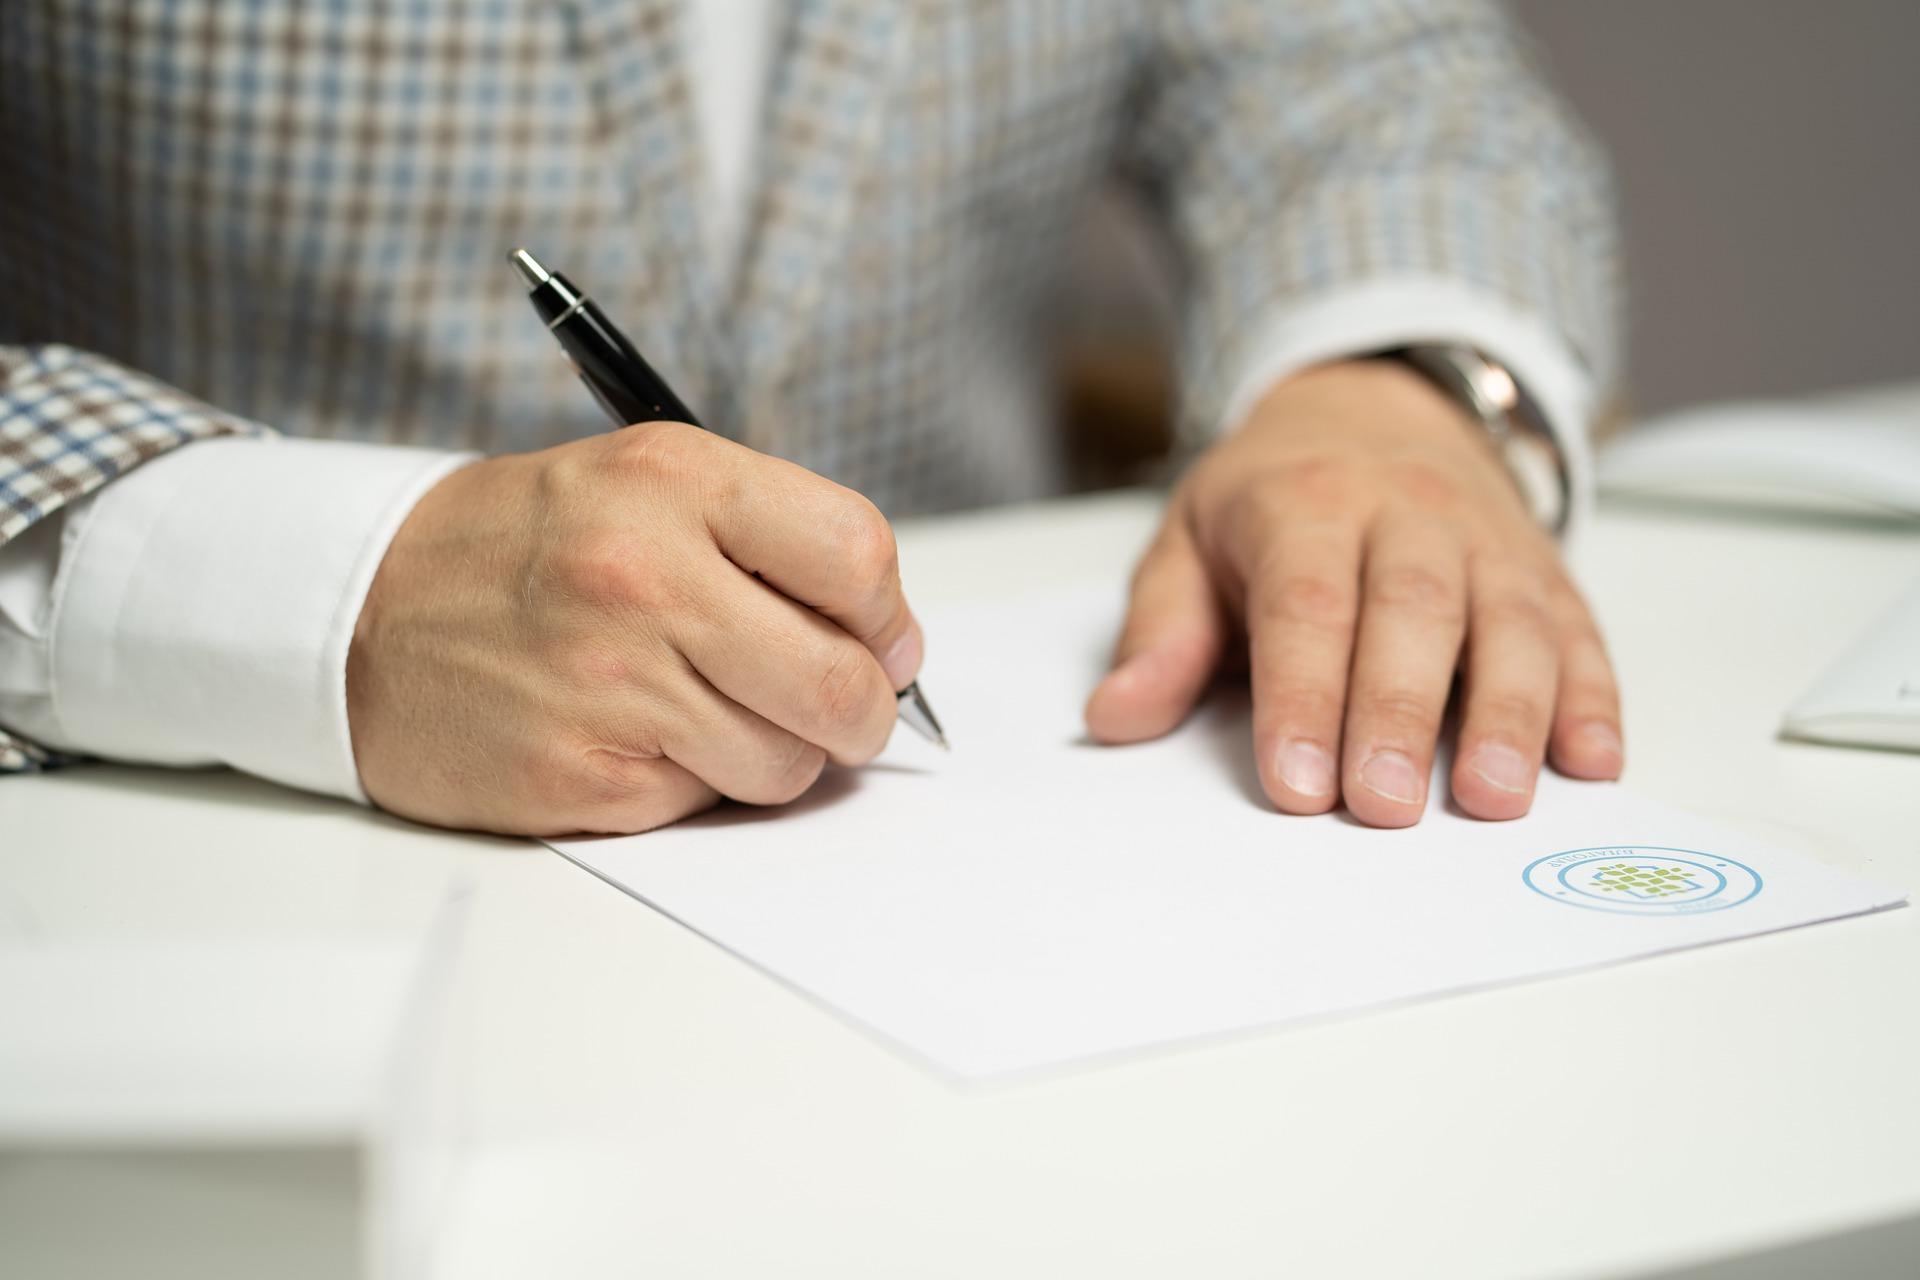 Mann unterschreibt ein Dokument